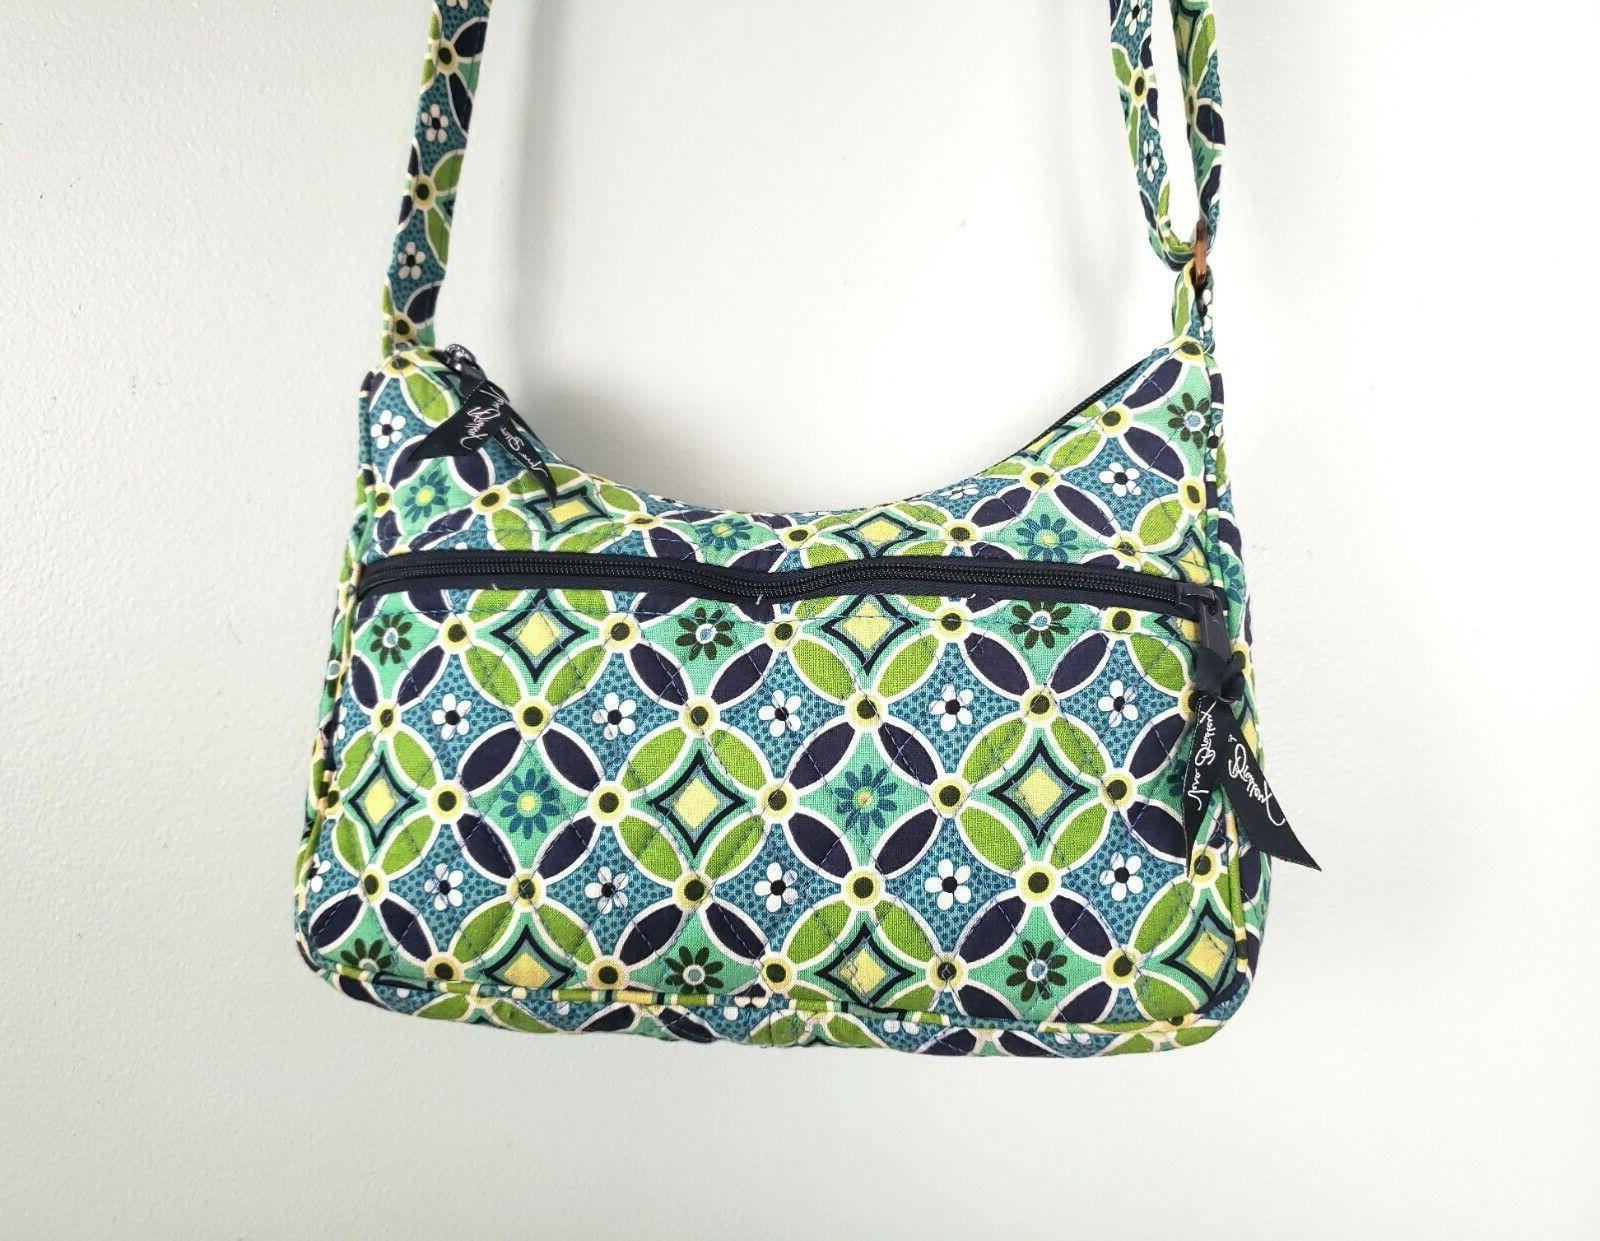 Vera Blue Green Bag and Shoulder bag - New